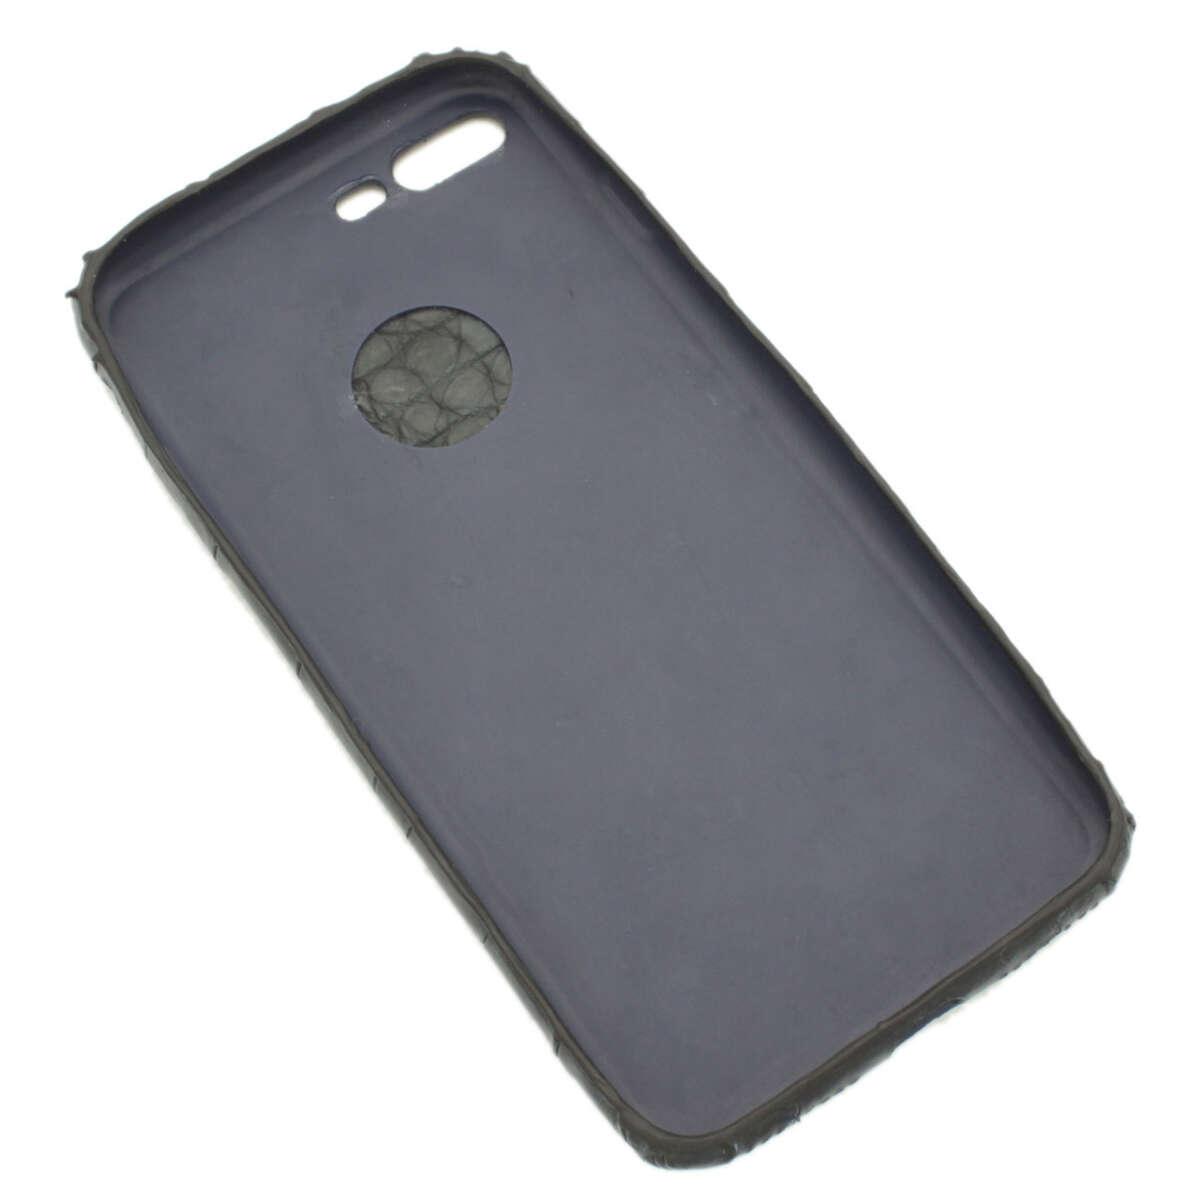 Ốp lưng iPhone 7 Plus da cá sấu S1063a